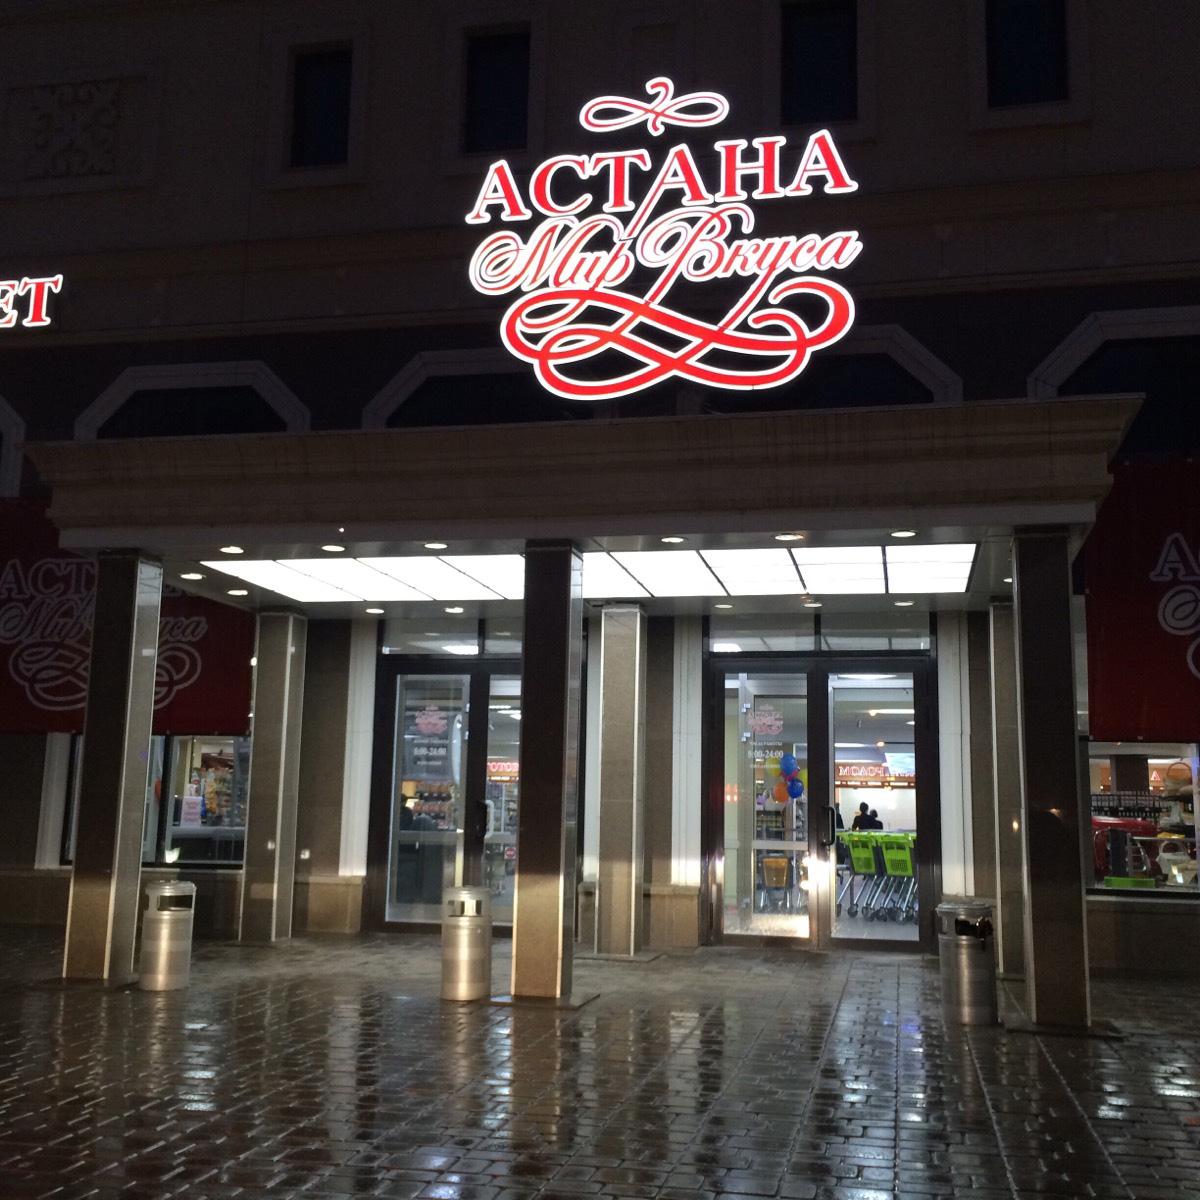 Дизайн входной зоны супермаркета «АСТАНА - Мир Вкуса»